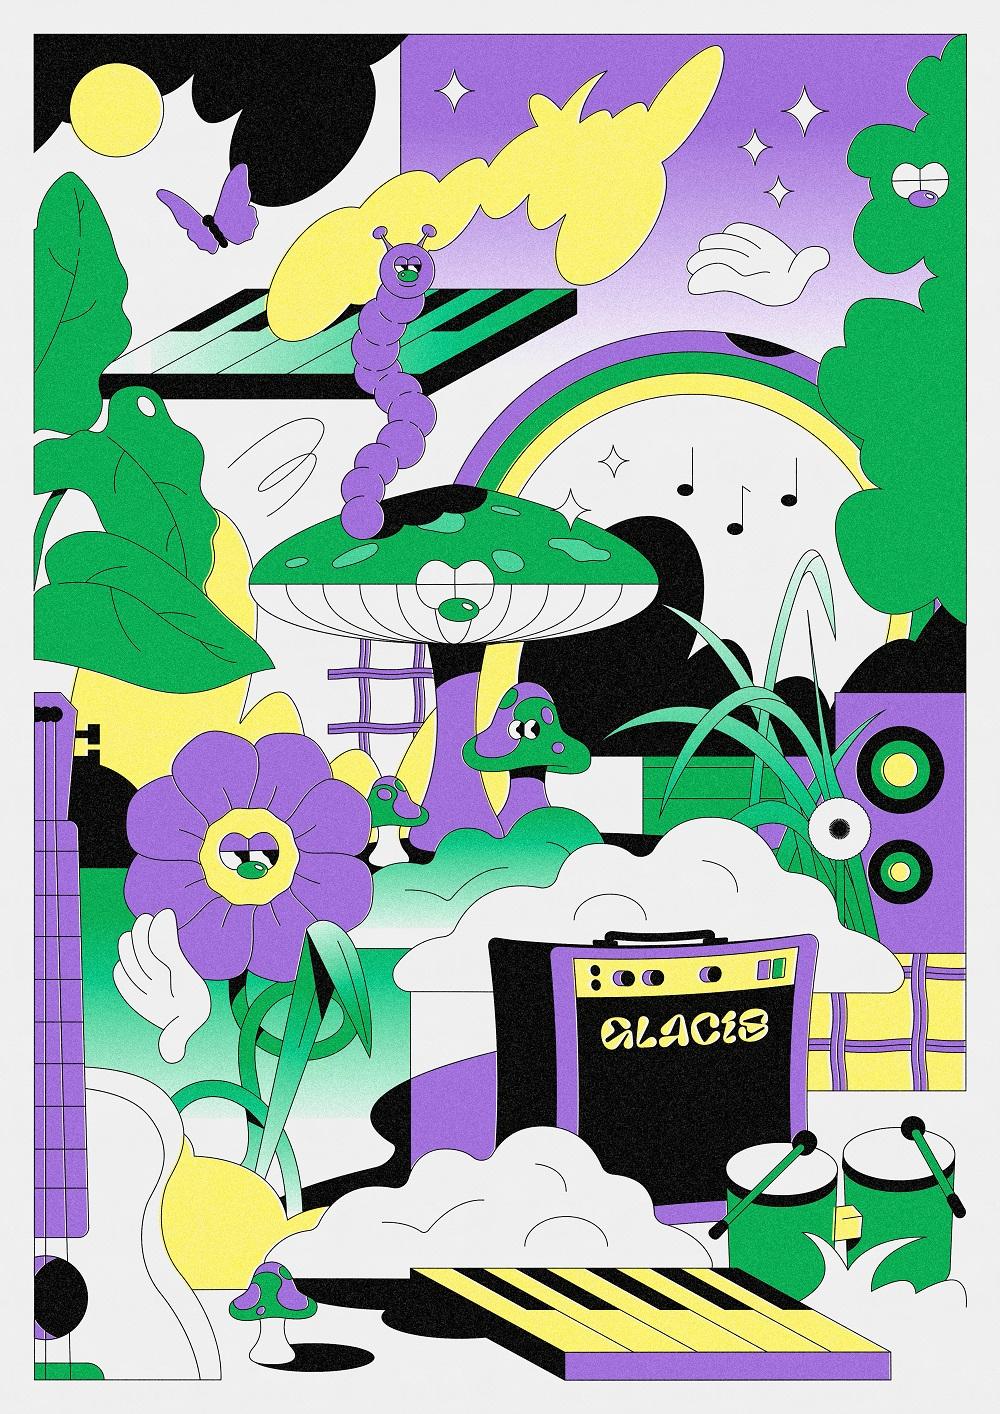 Poster mit Illustrationen vom Glacis Open Air. Freundlich gestaltet mit vielen kleinen Details. Unter anderem auffalende Stielaugen.